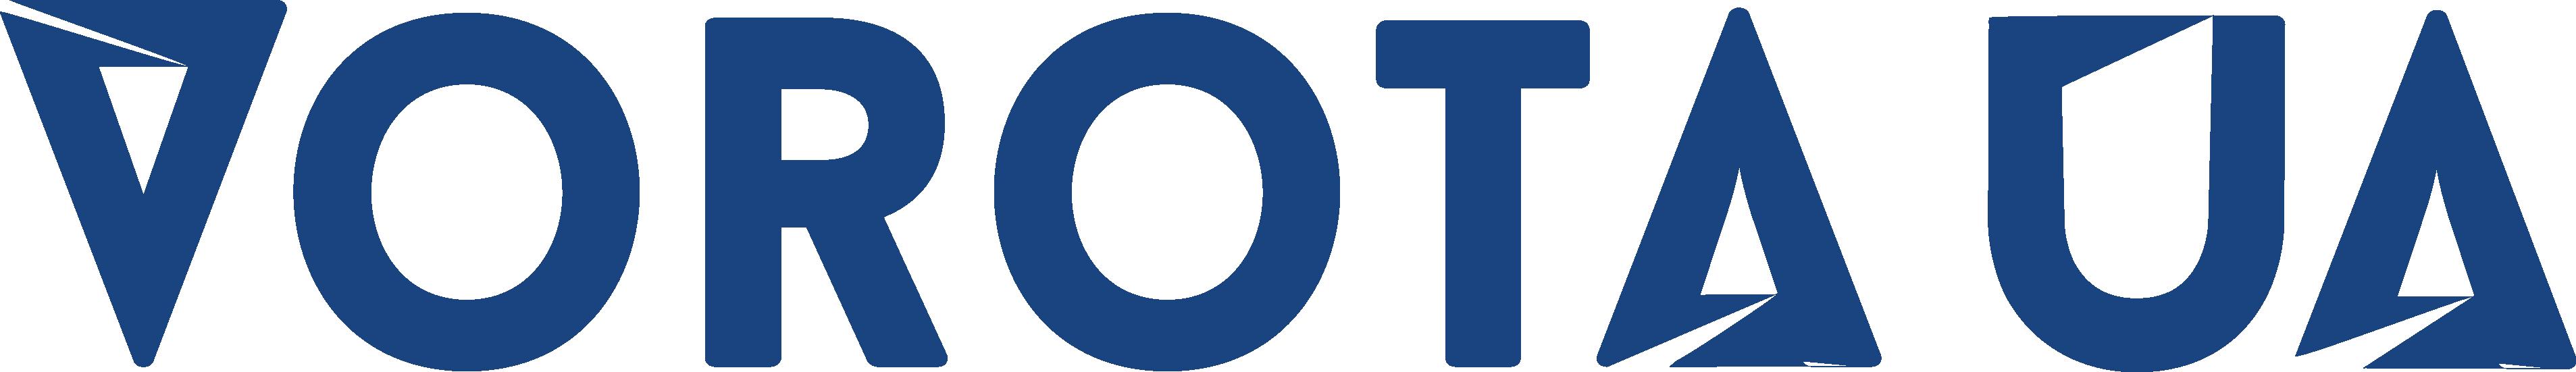 VorotaUA - интернет магазин ворот и автоматики